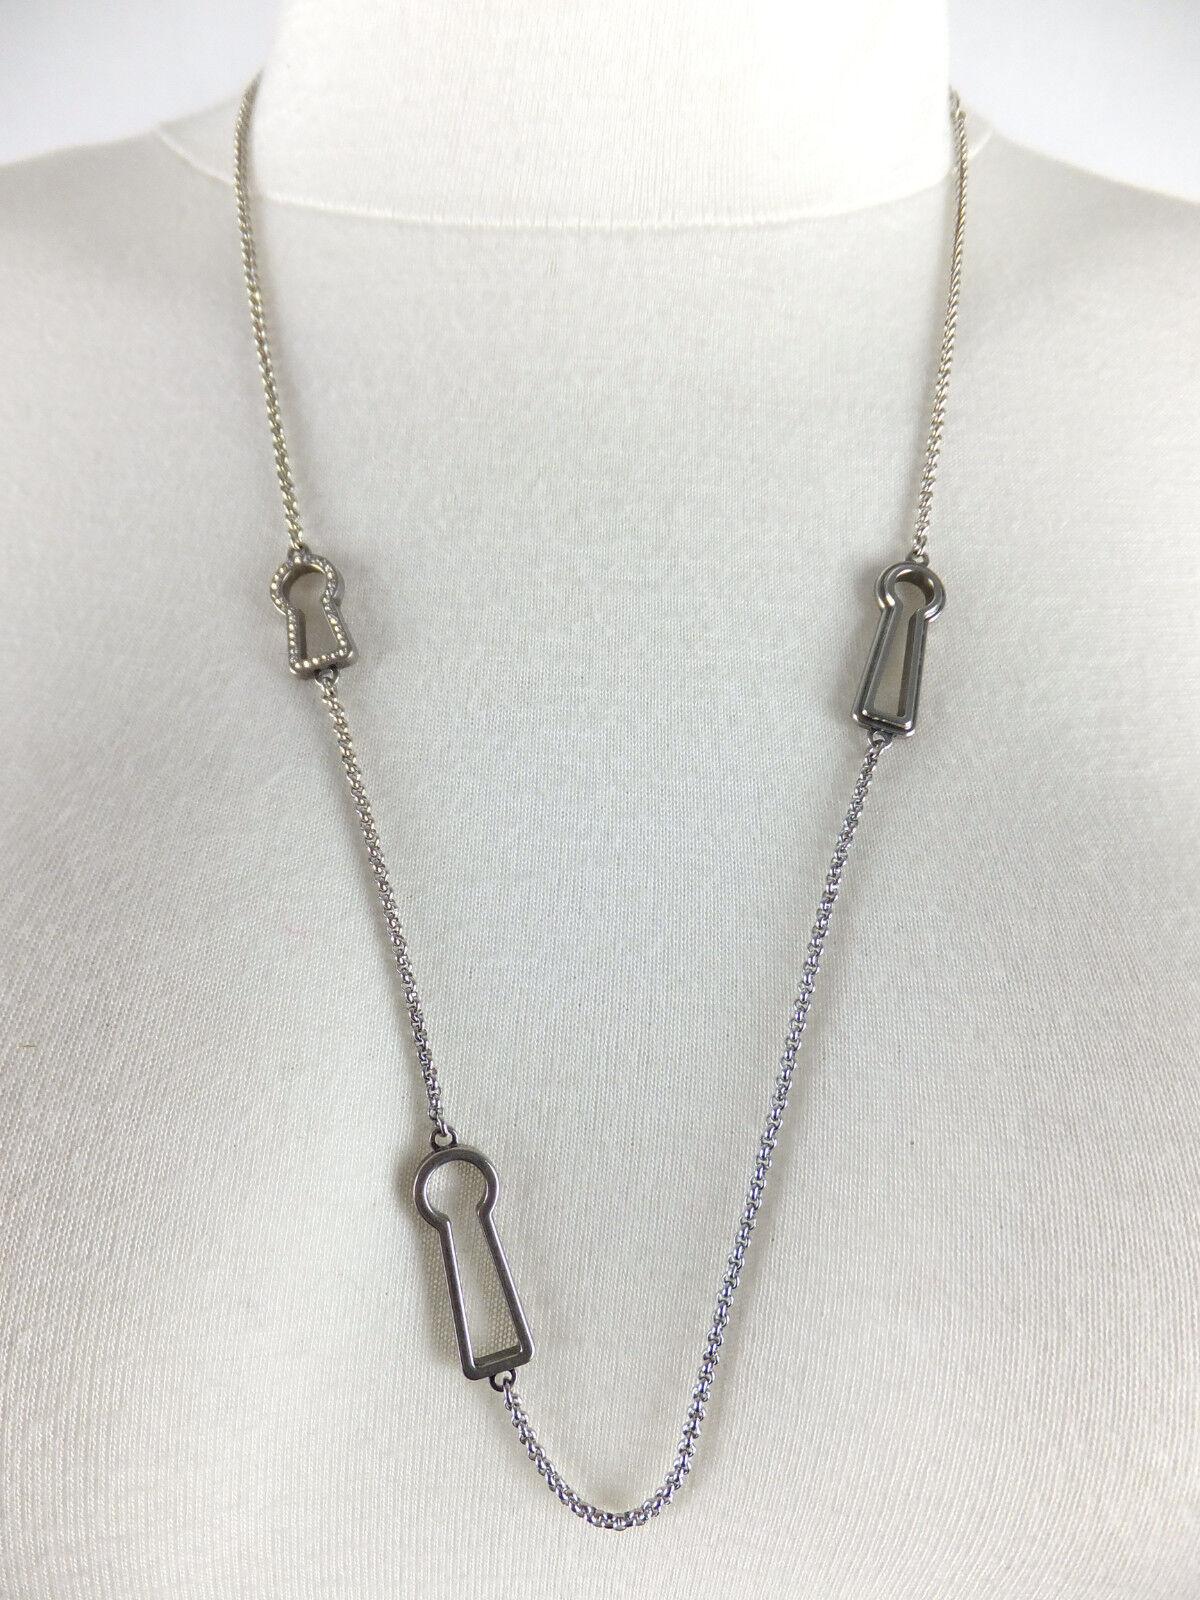 FOSSIL Halskette '3 Schlösser'  silverfarben Glitzersteine neu m. Geschenkbox